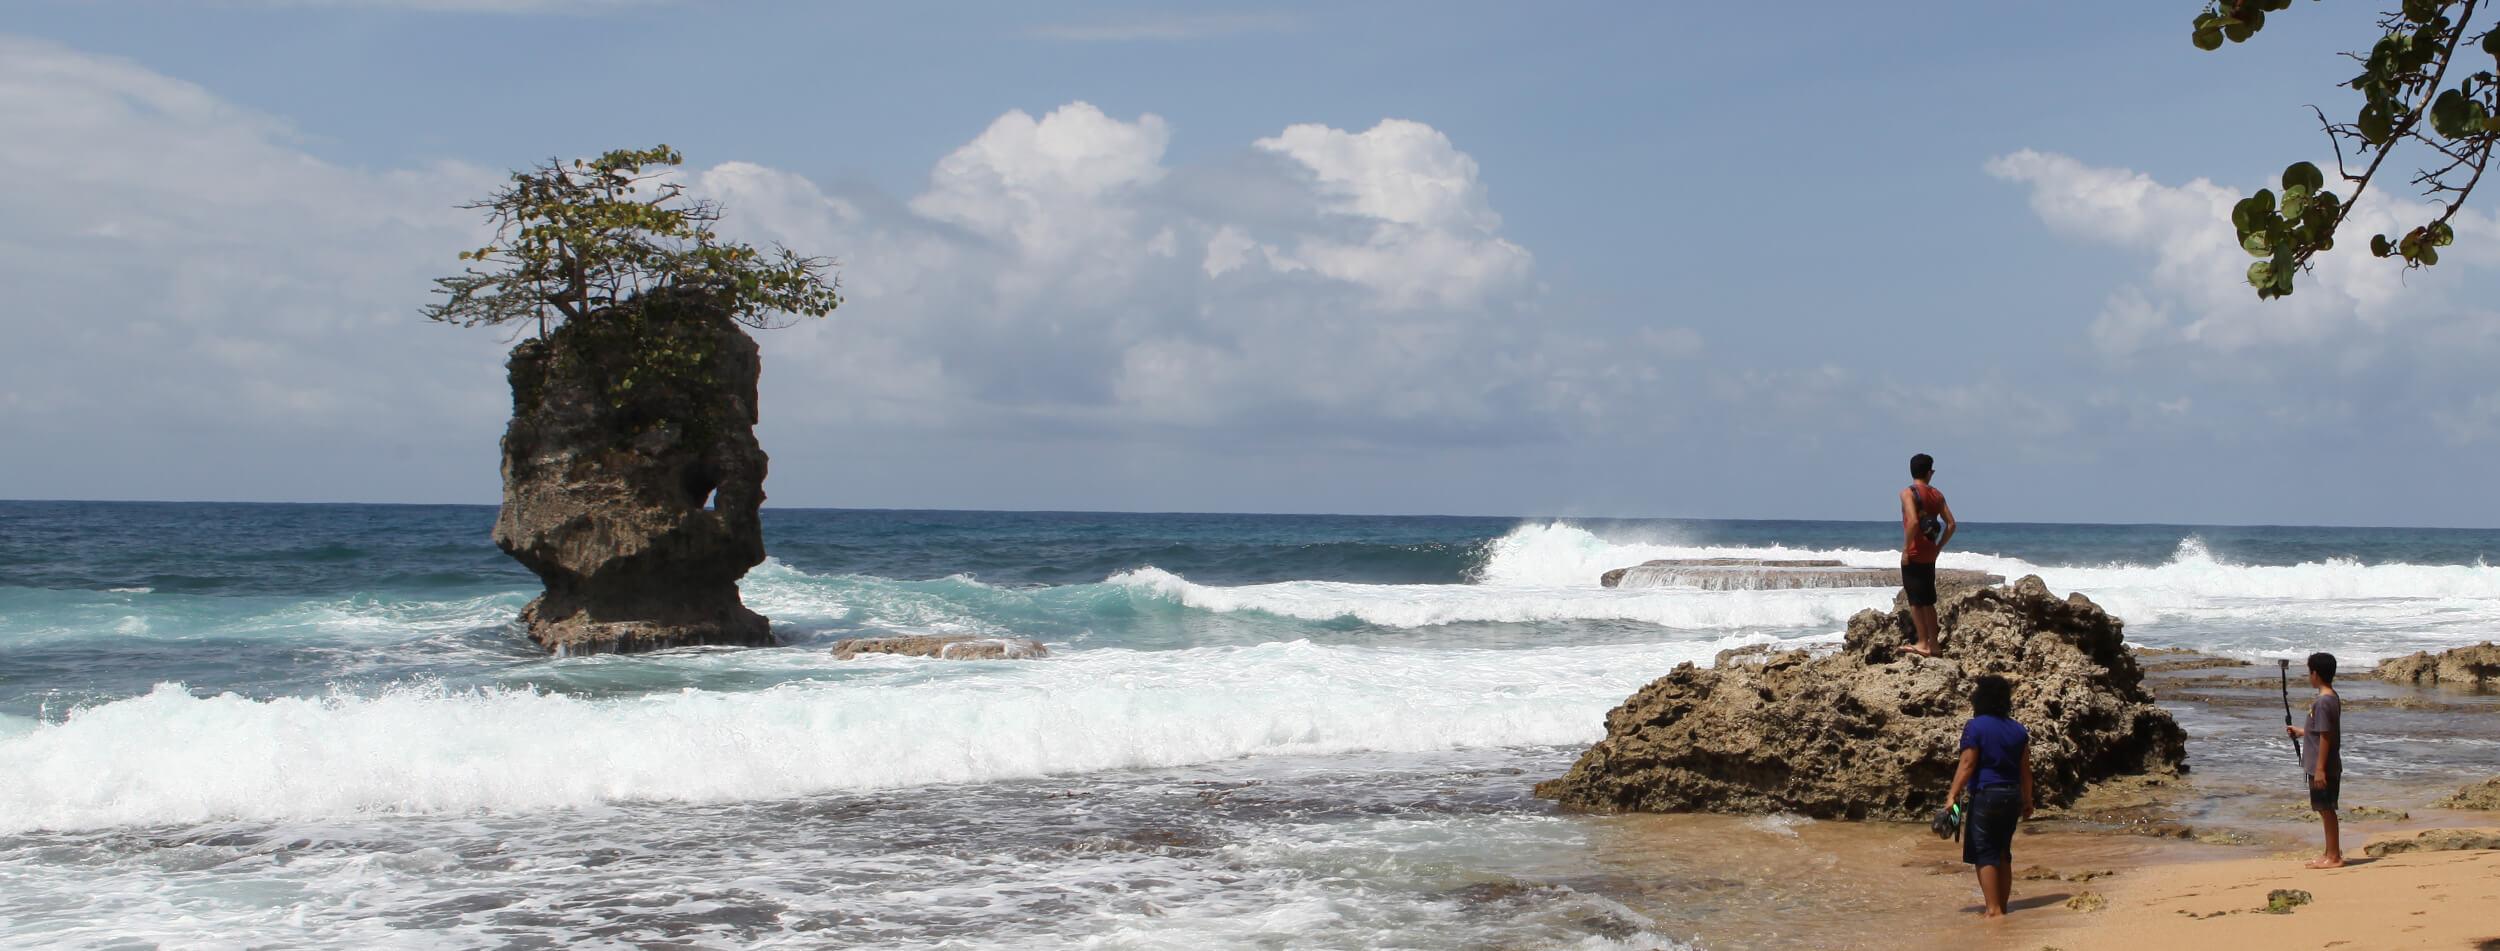 playas fuera de lo común en Costa Rica